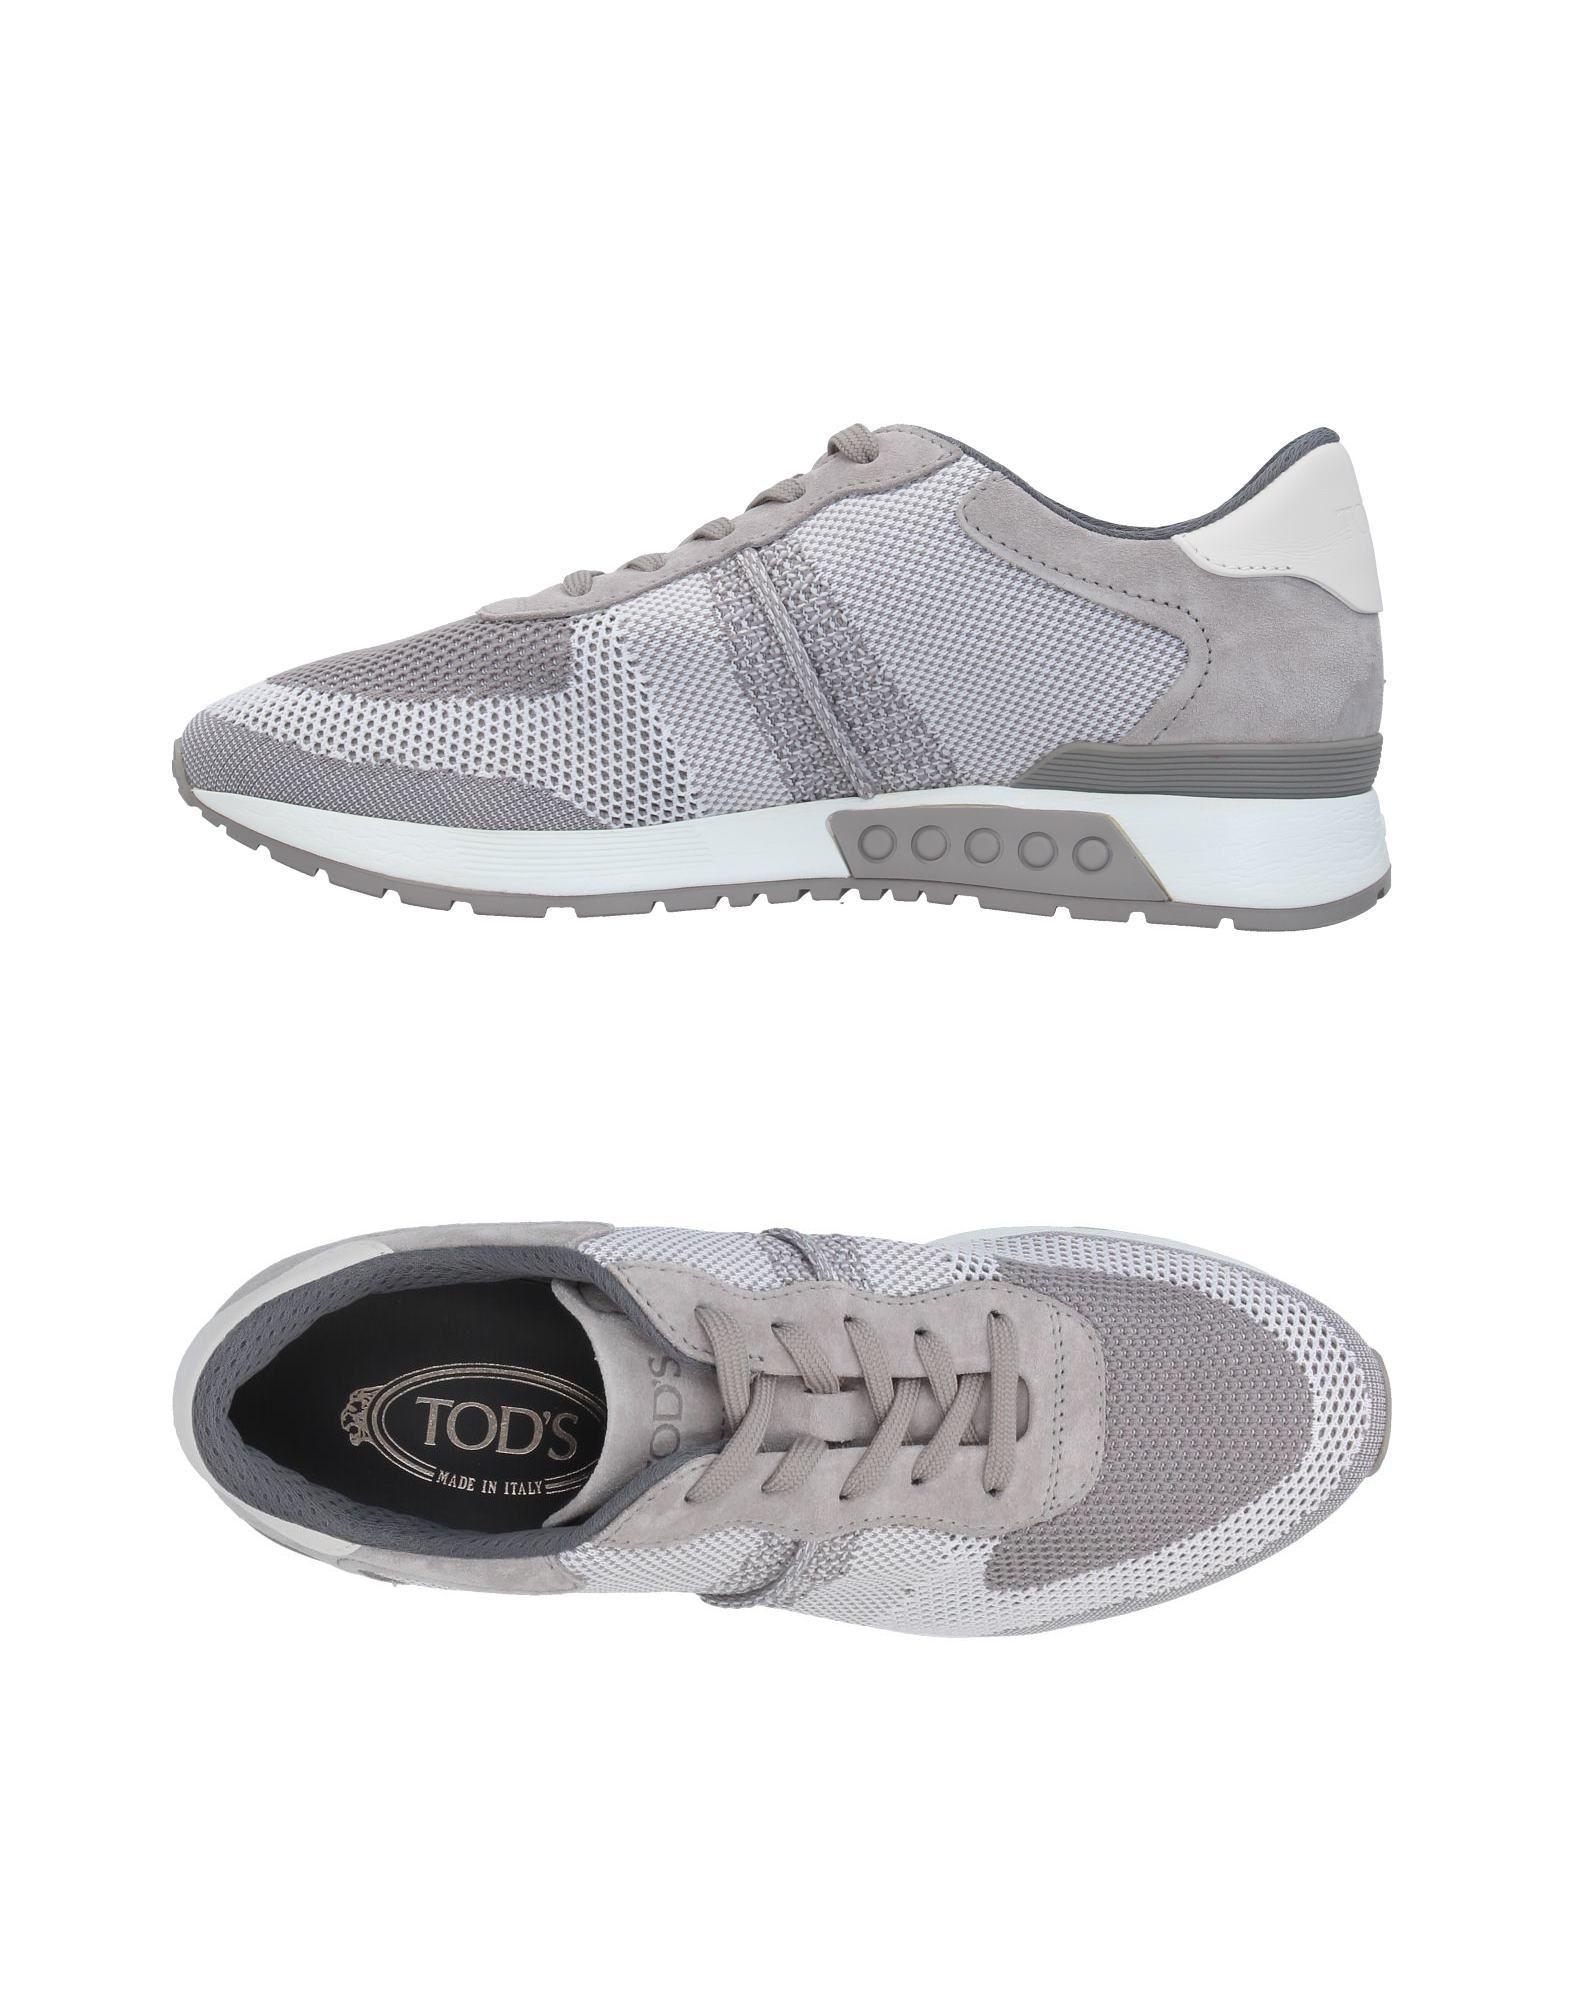 Tod's Sneakers Herren  11397518TL Gute Qualität beliebte Schuhe